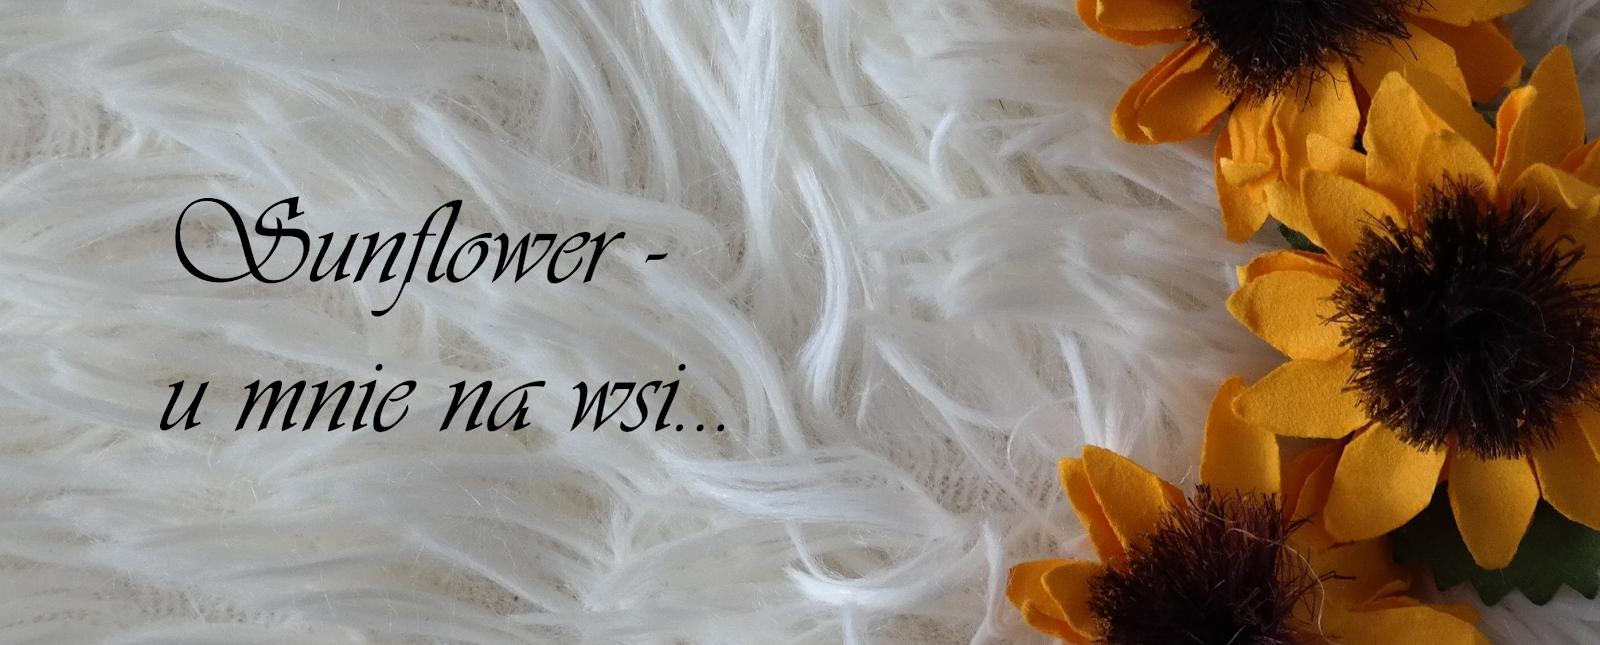 Sunflower - u mnie na wsi